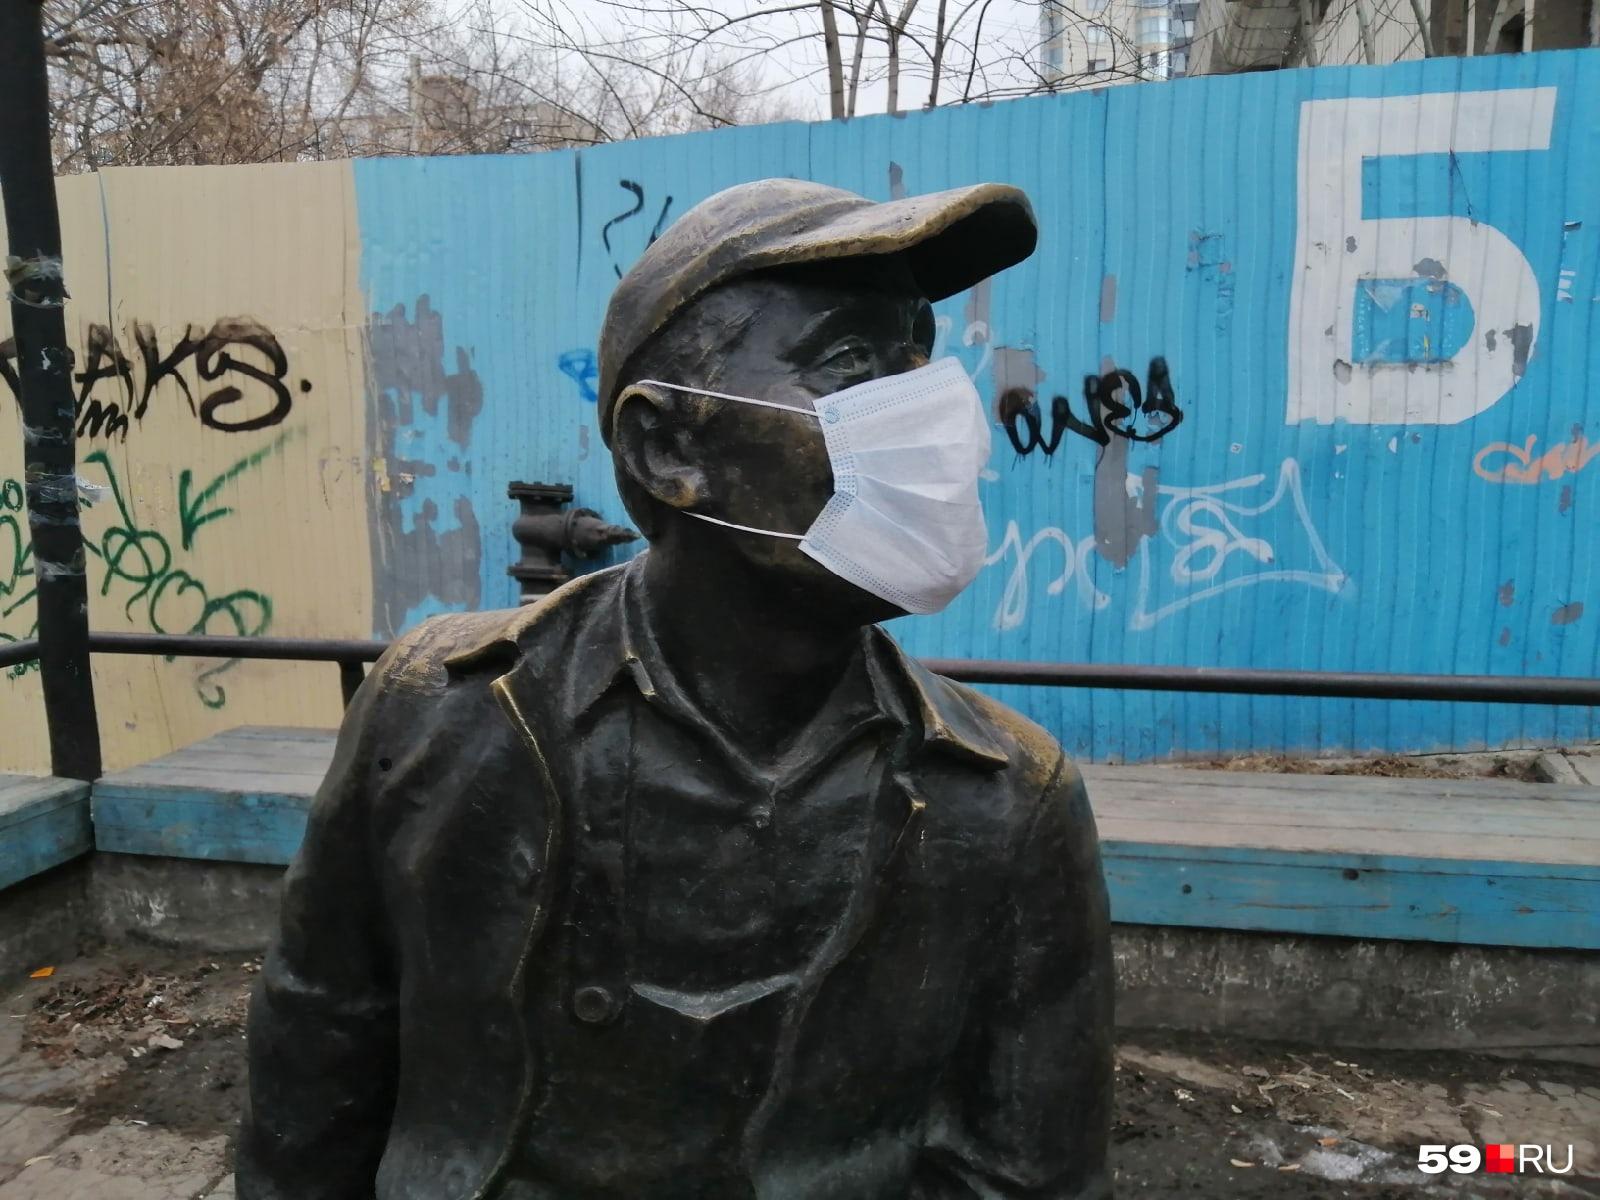 Водопроводчик тоже в маске: о нем позаботились жители соседних домов